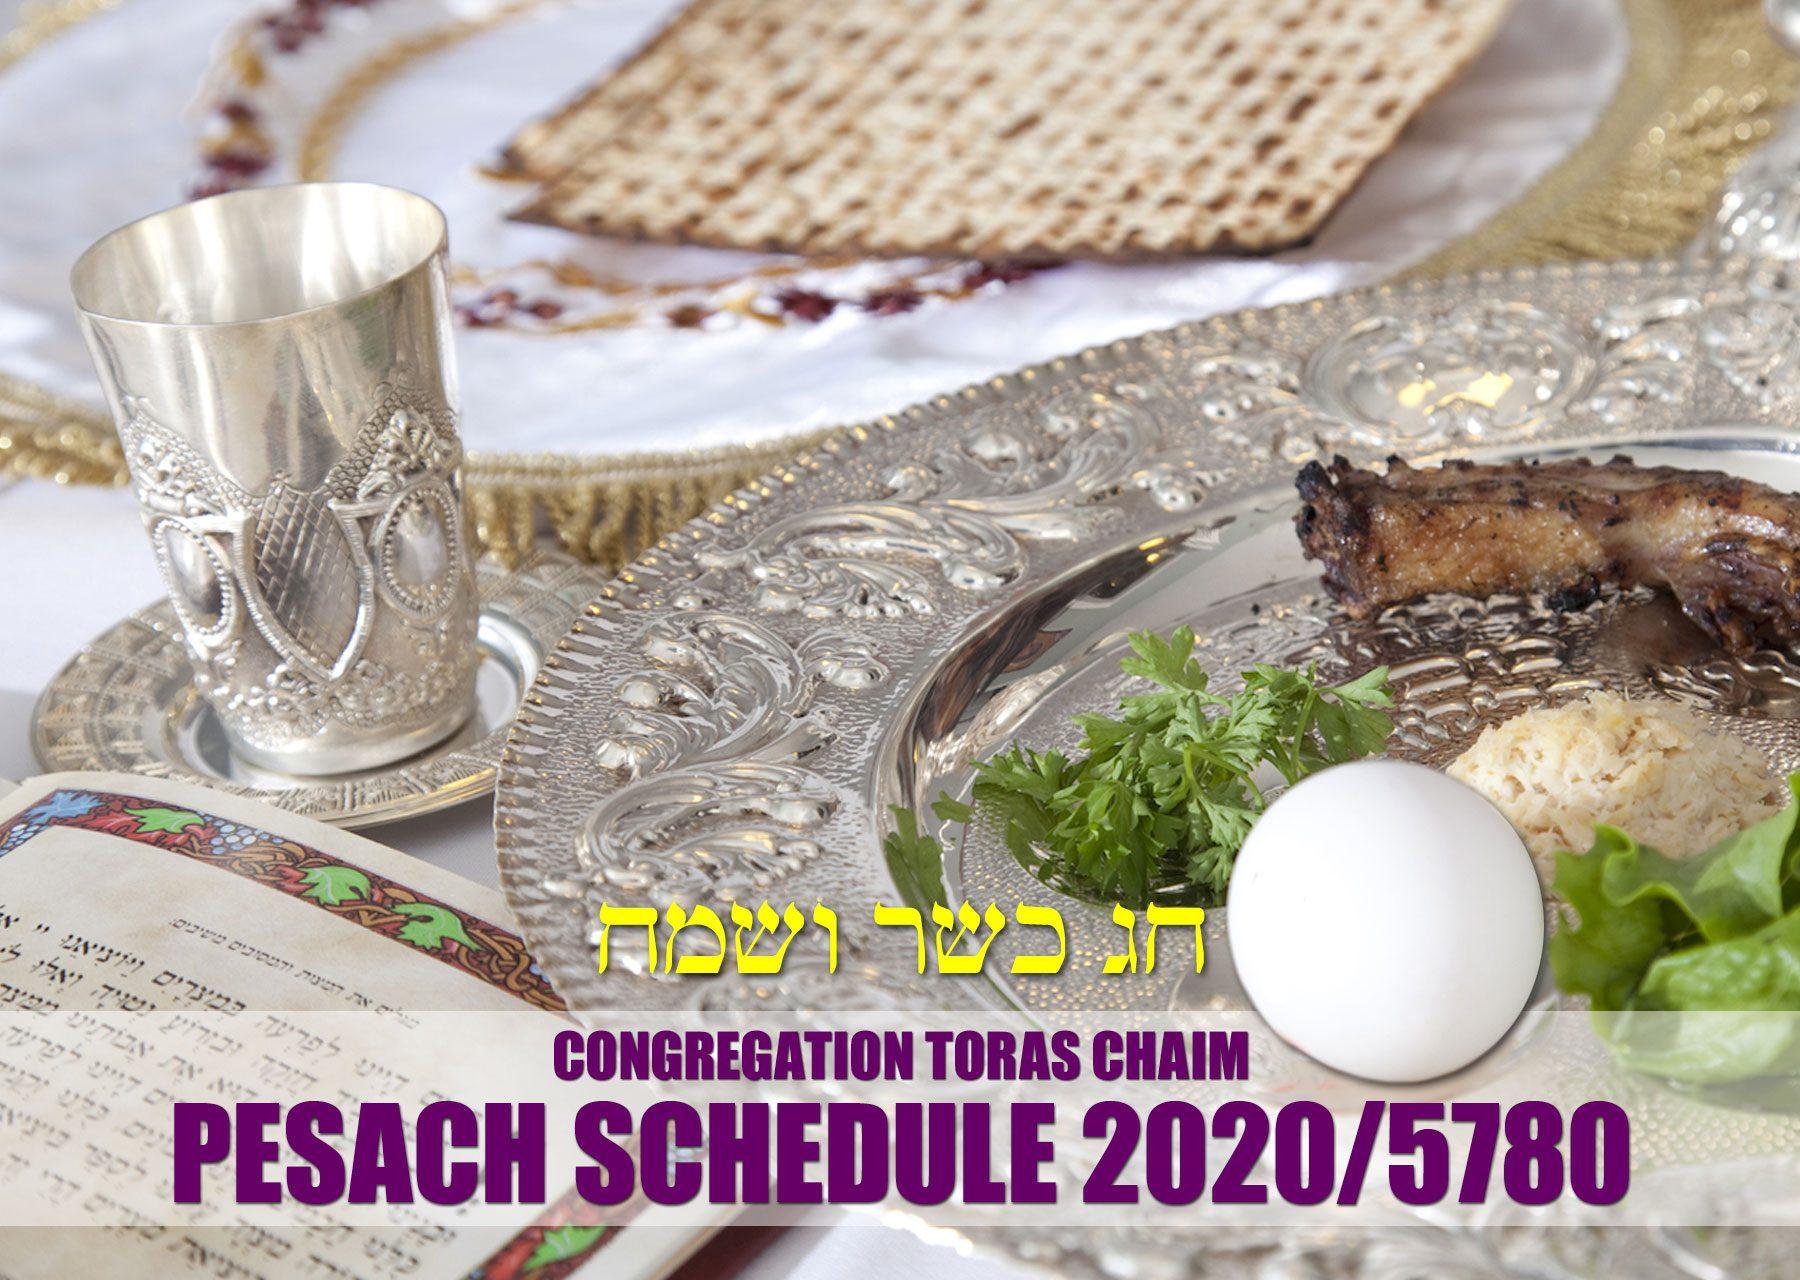 Pesach Schedule 5780 / 2020